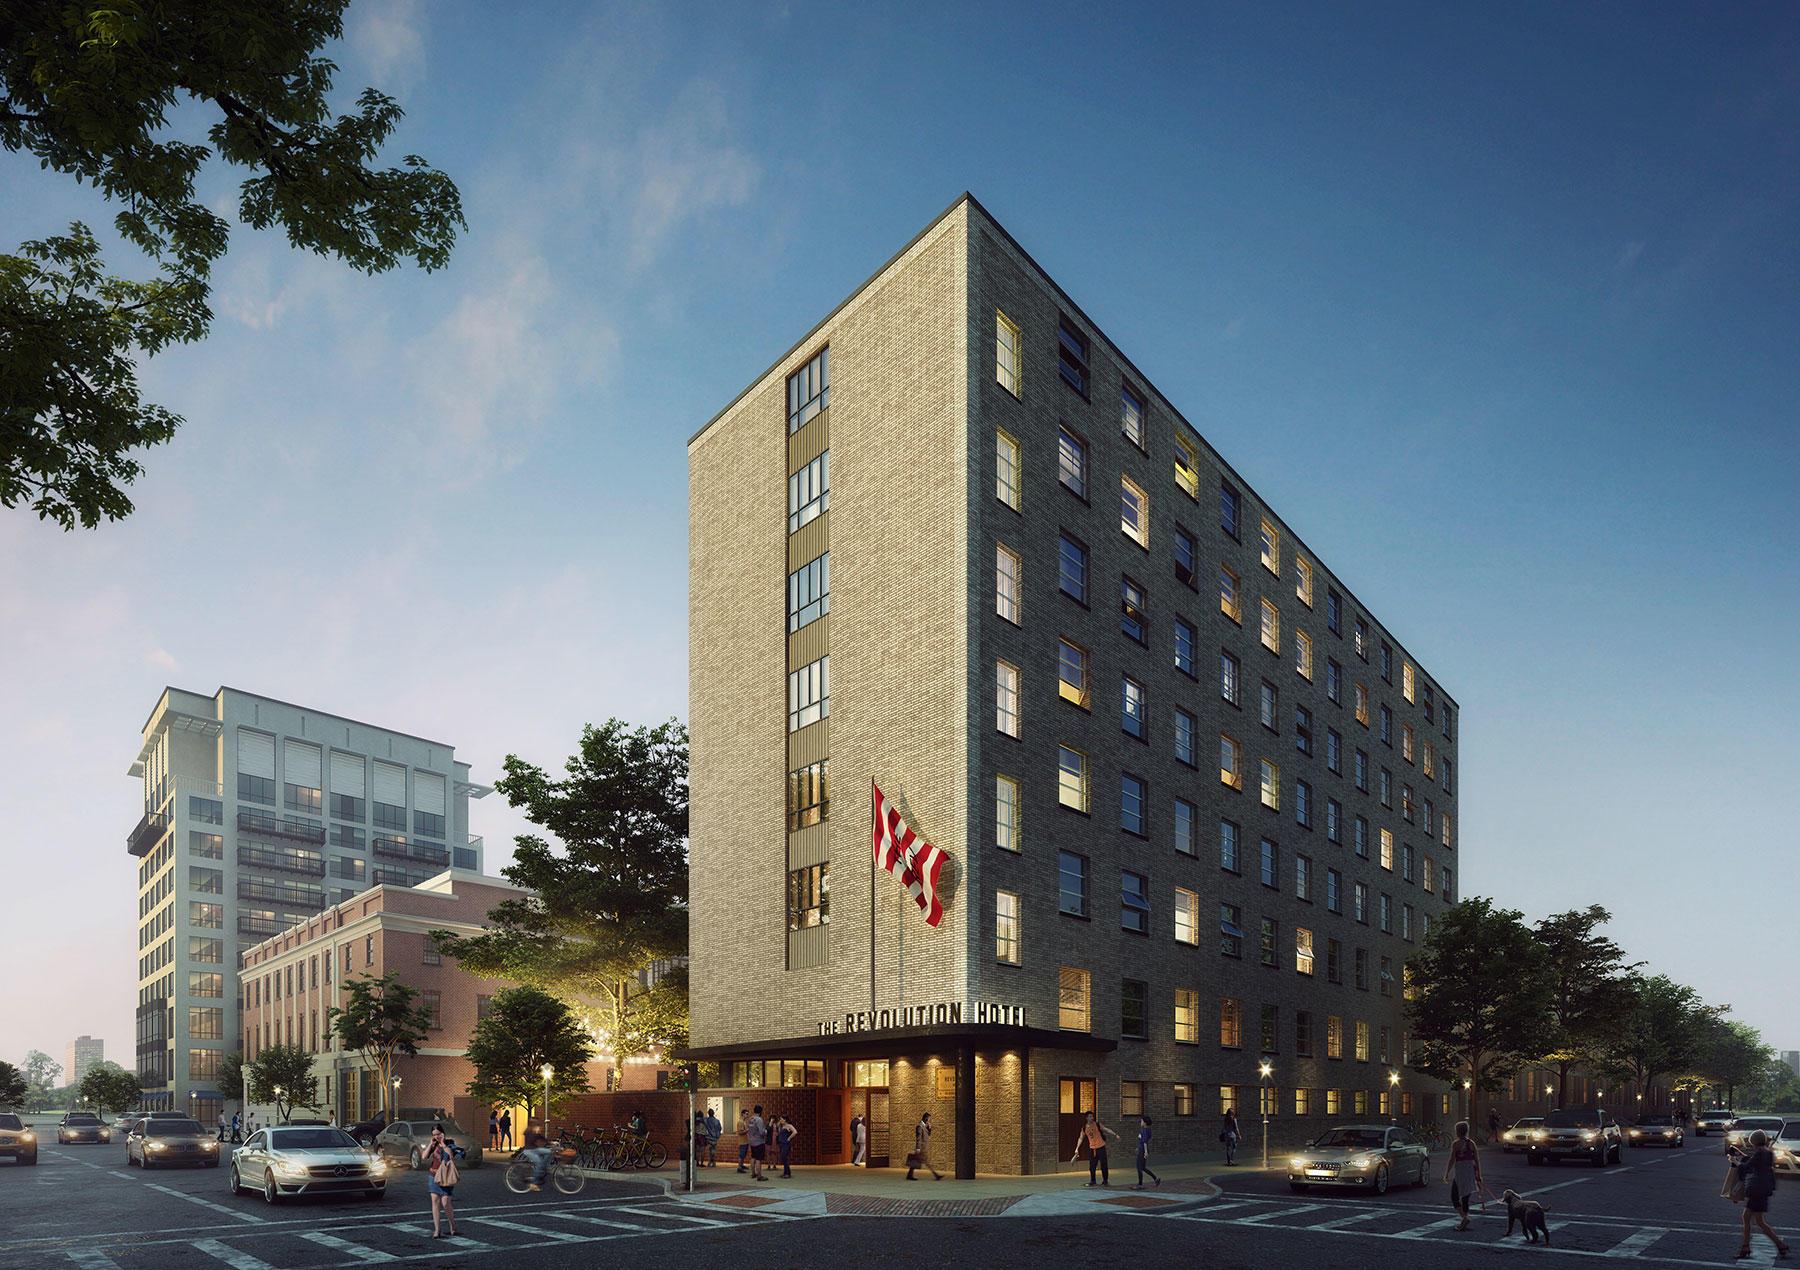 The Revolution Hotel - Boston, MA 02116 - (617)848-9200 | ShowMeLocal.com